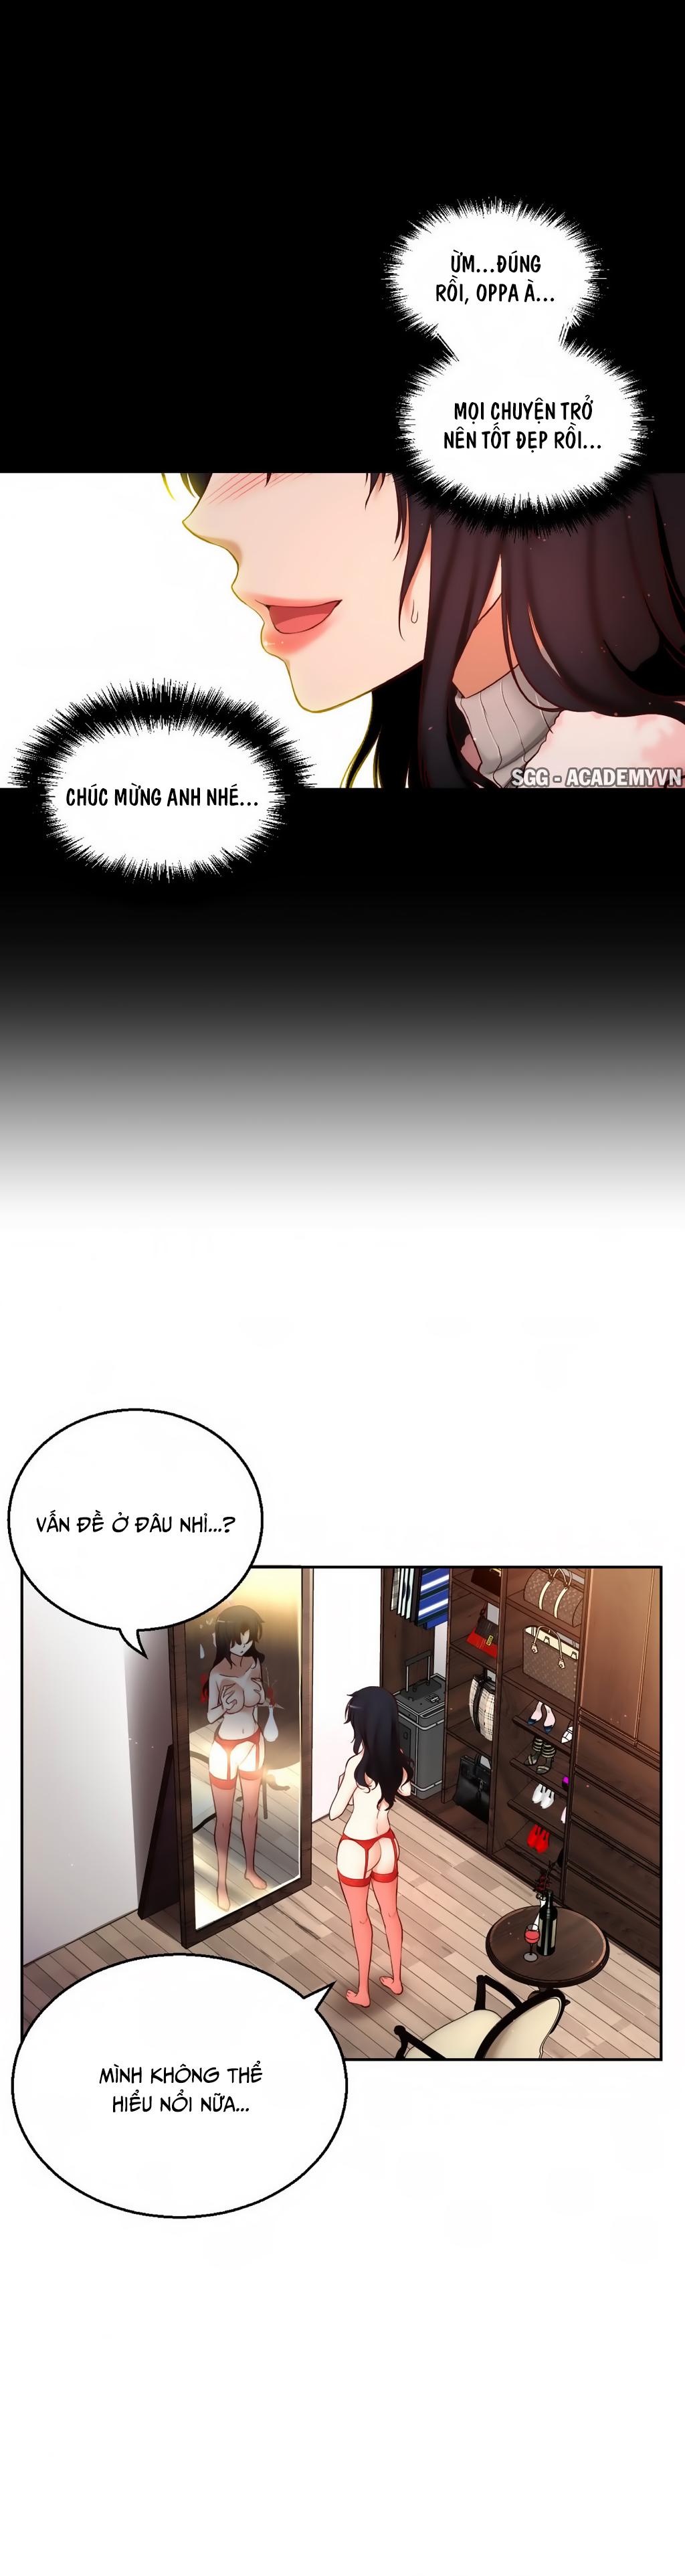 Hình ảnh h003 in [Siêu phẩm Hentai] Little Girl Full